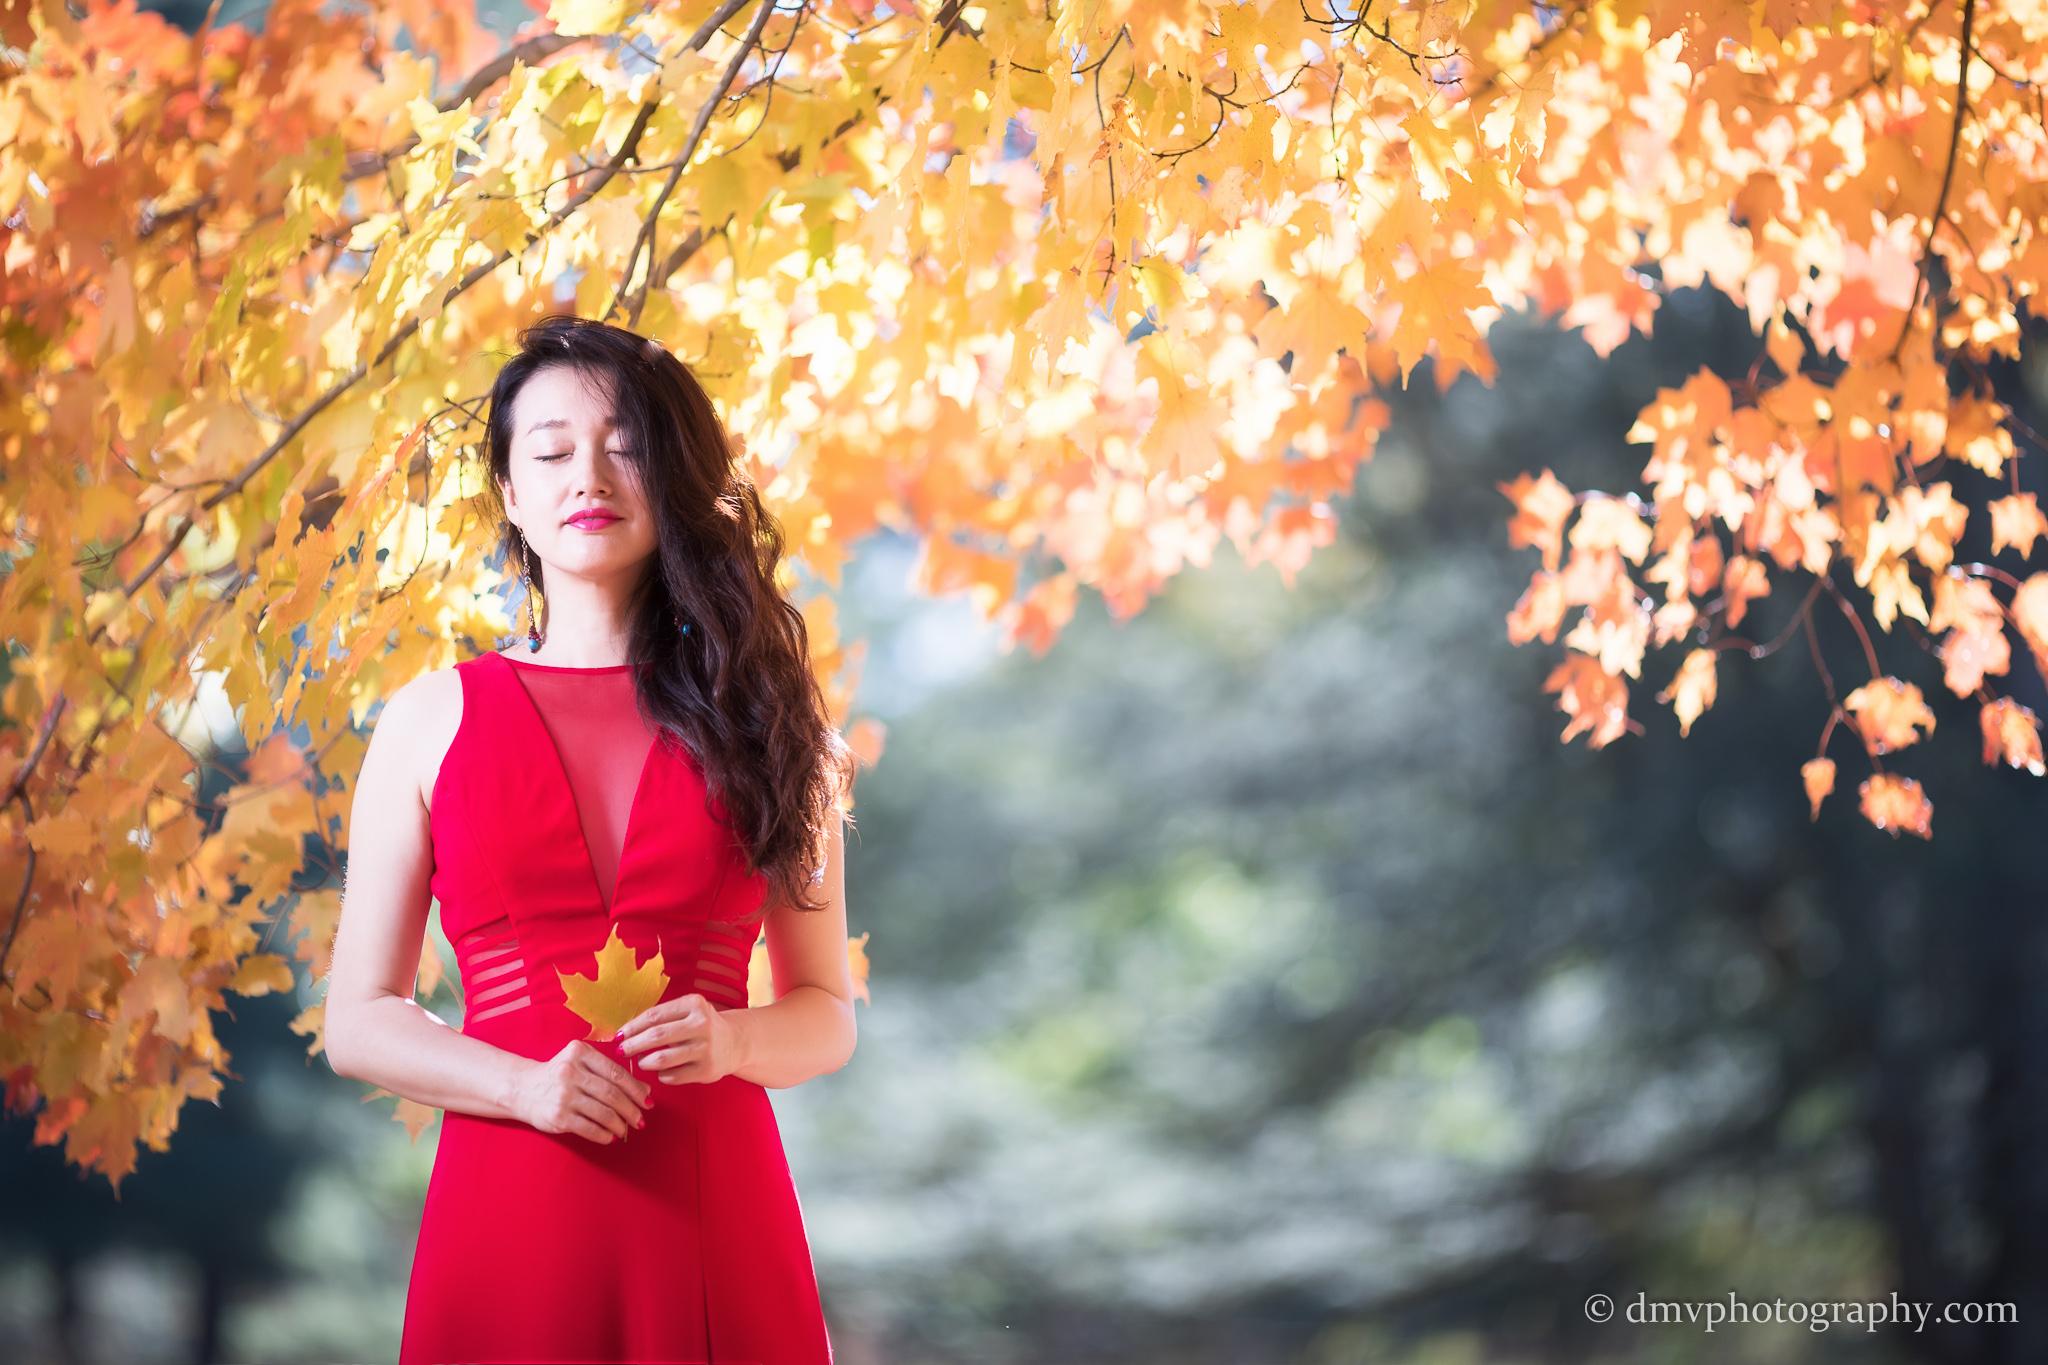 2016-10-29 - Li Jie - 00001 - 00008